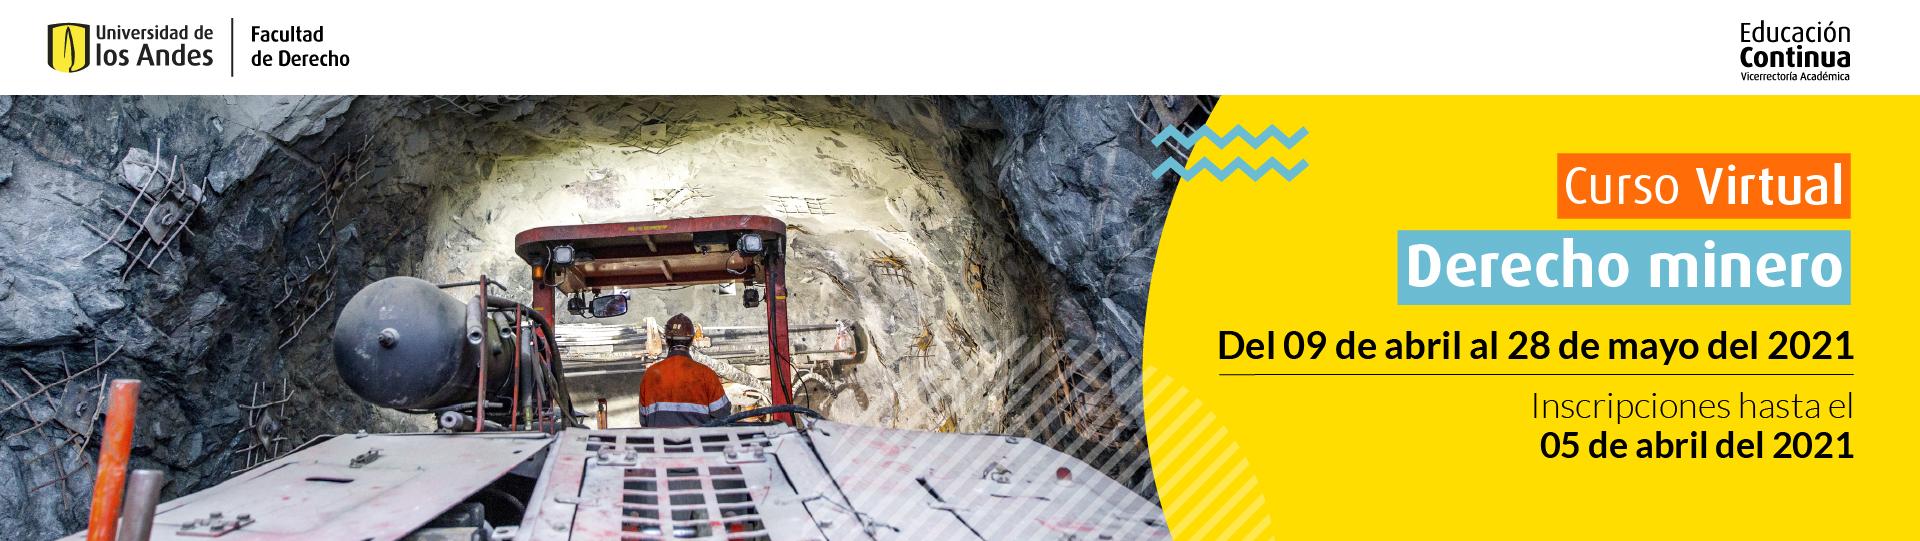 Curso Derecho Minero | Educación Continua | Derecho | Uniandes